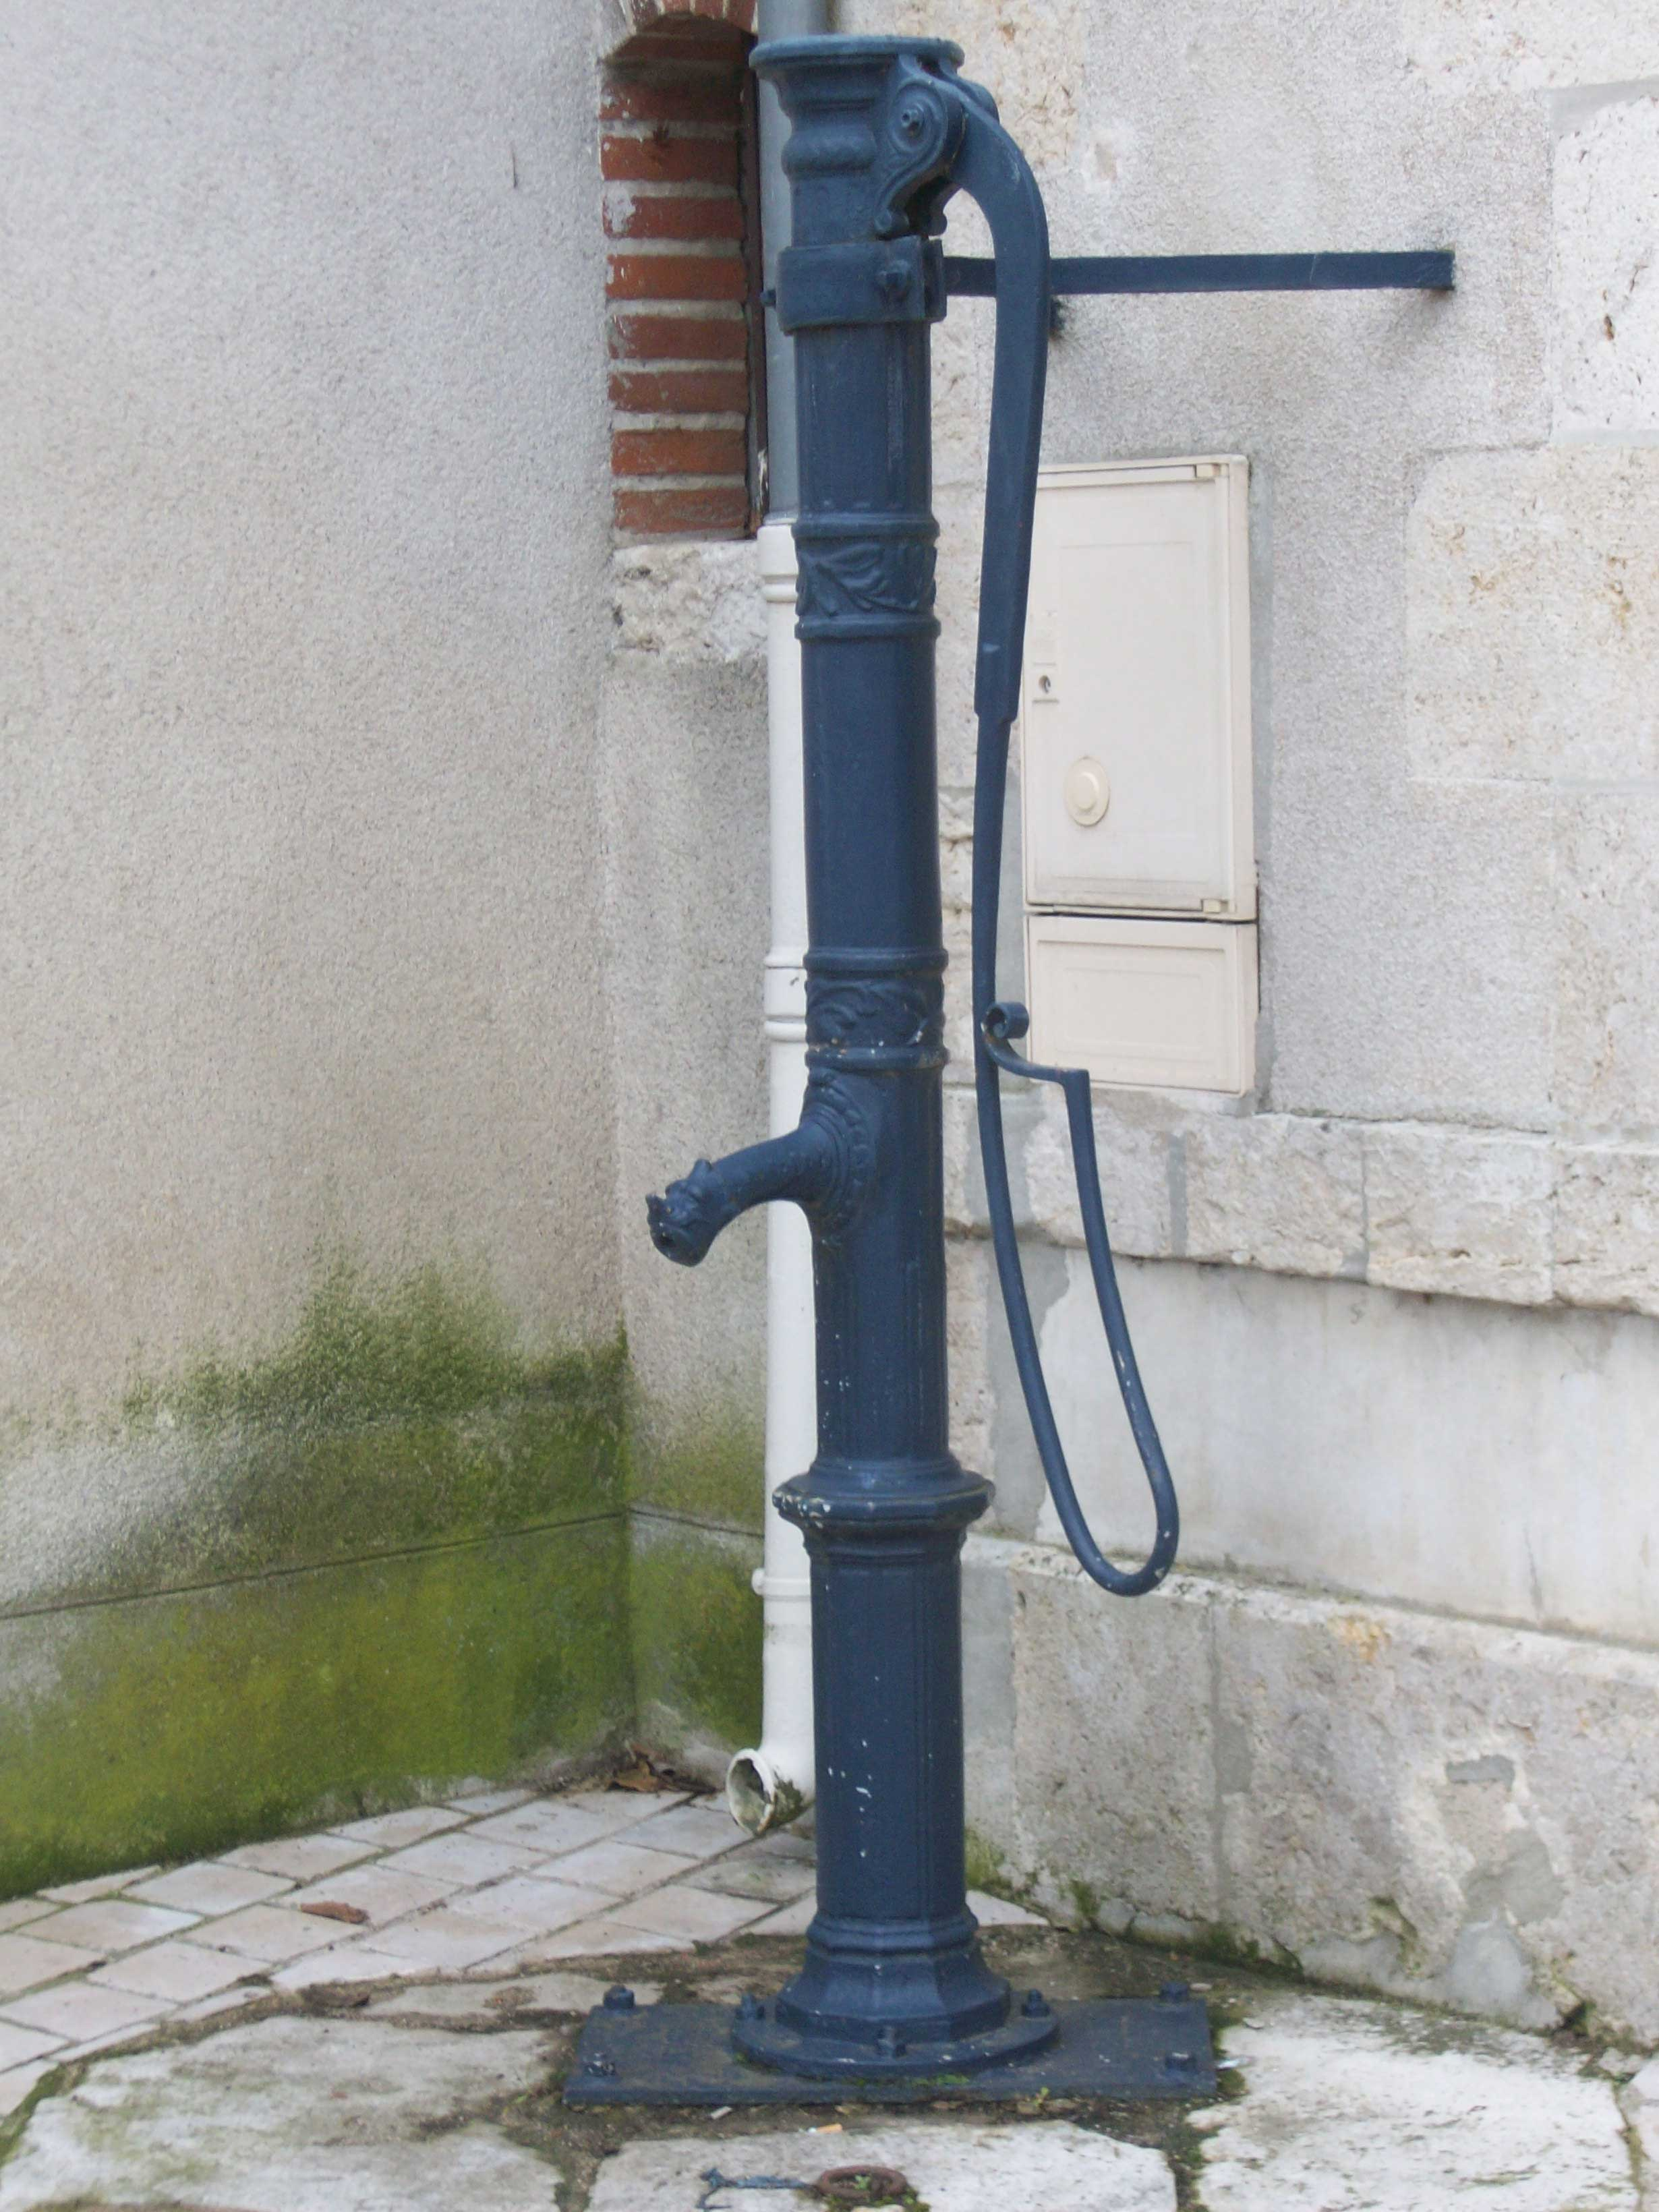 Pompe à eau devant la Poste